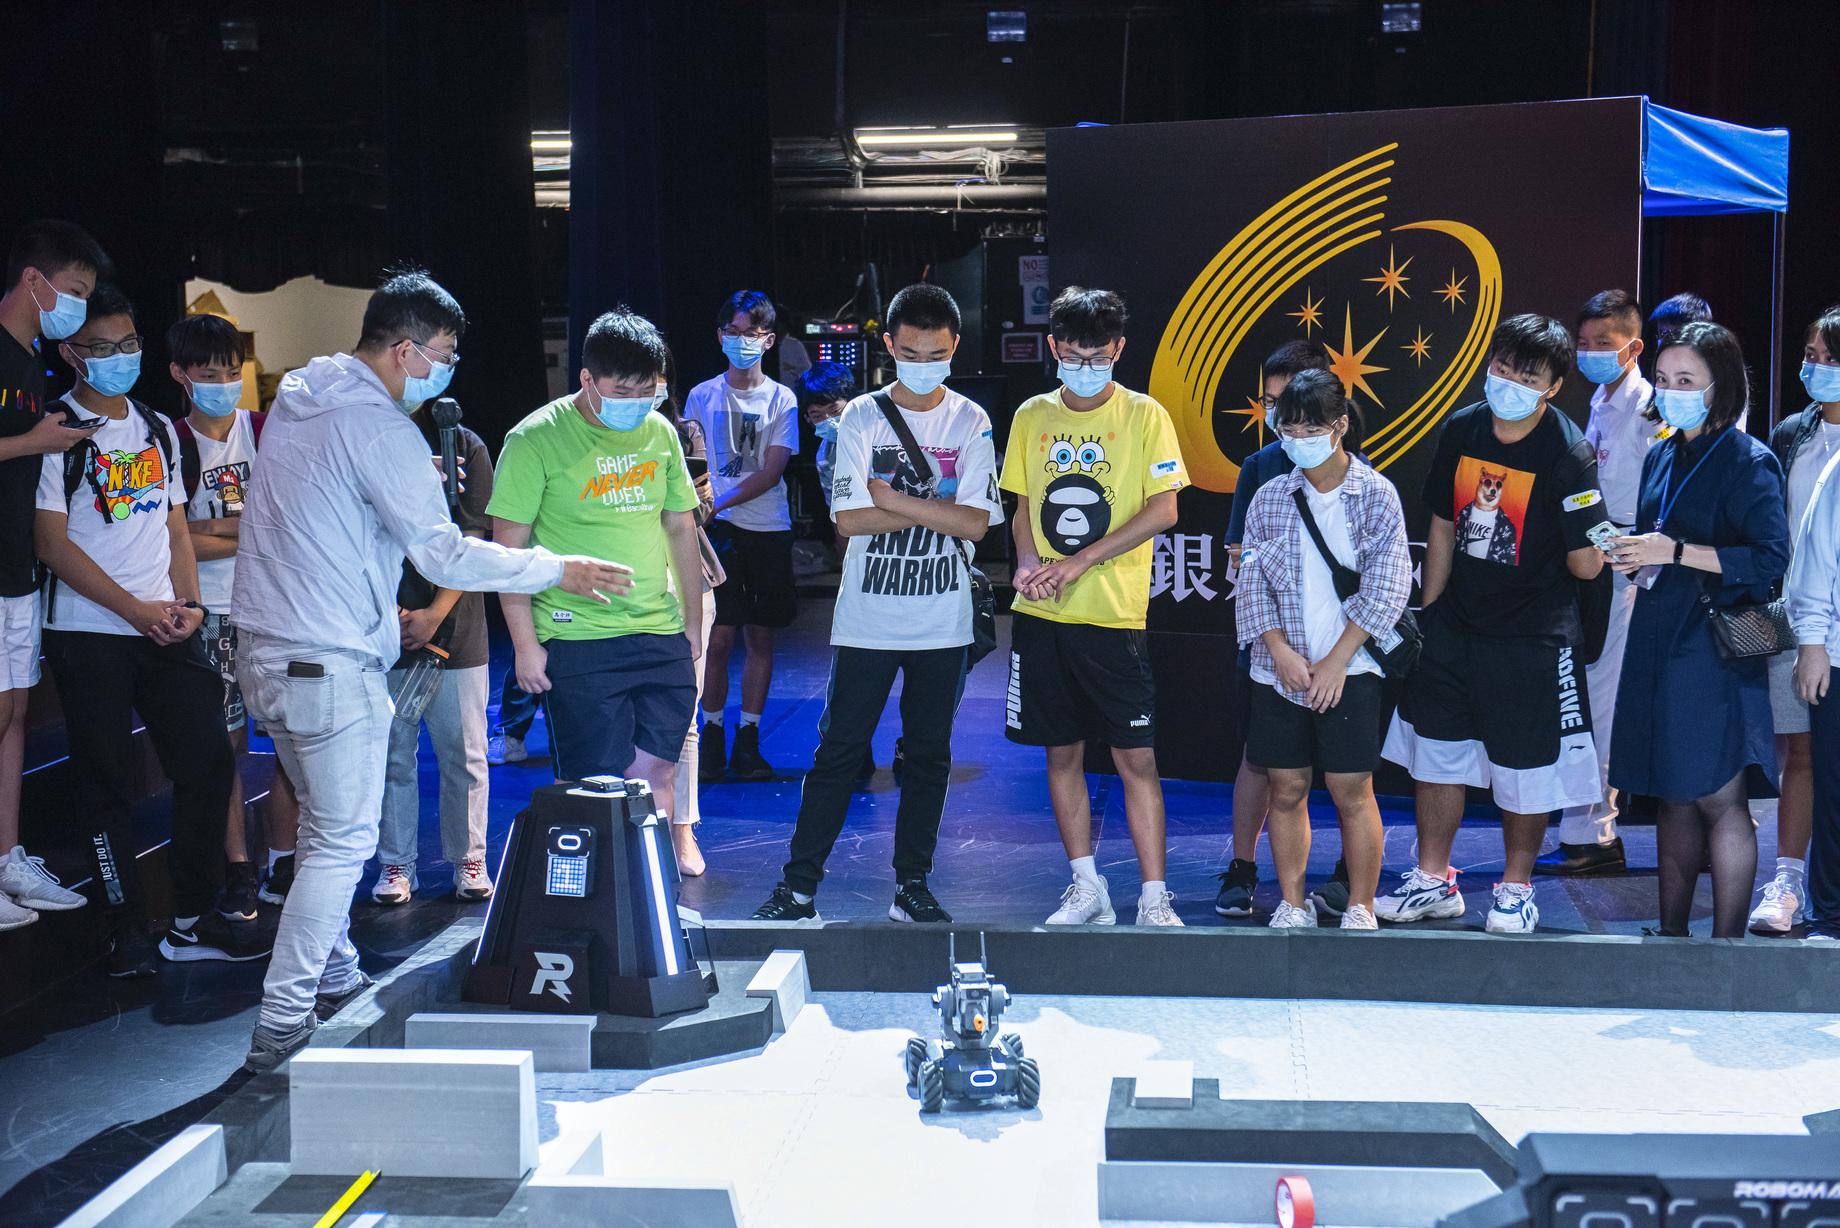 澳門青少年機械人大賽百老匯舉行 銀娛冀推科普教育助培創新人才